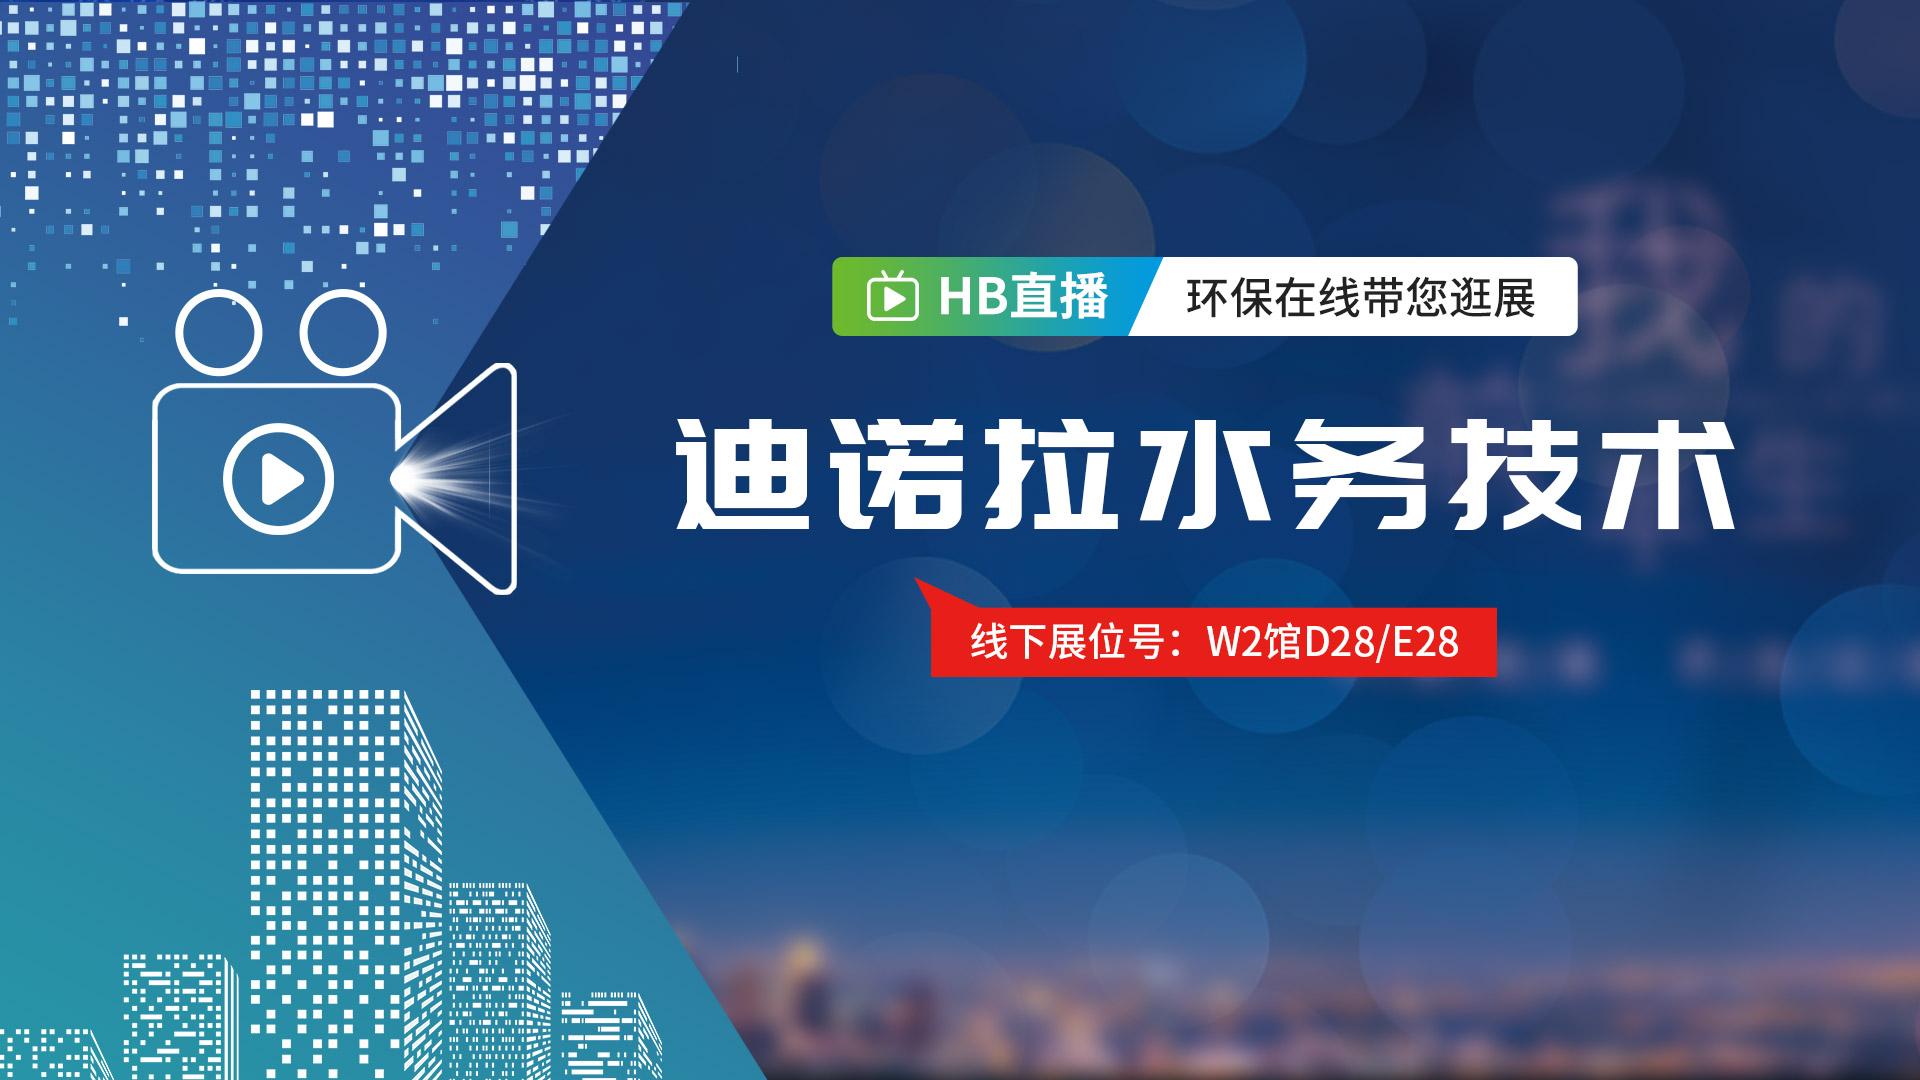 迪诺拉水务逛展直播:诚邀相约中国环博会 W2馆D28展台欢迎参观交流